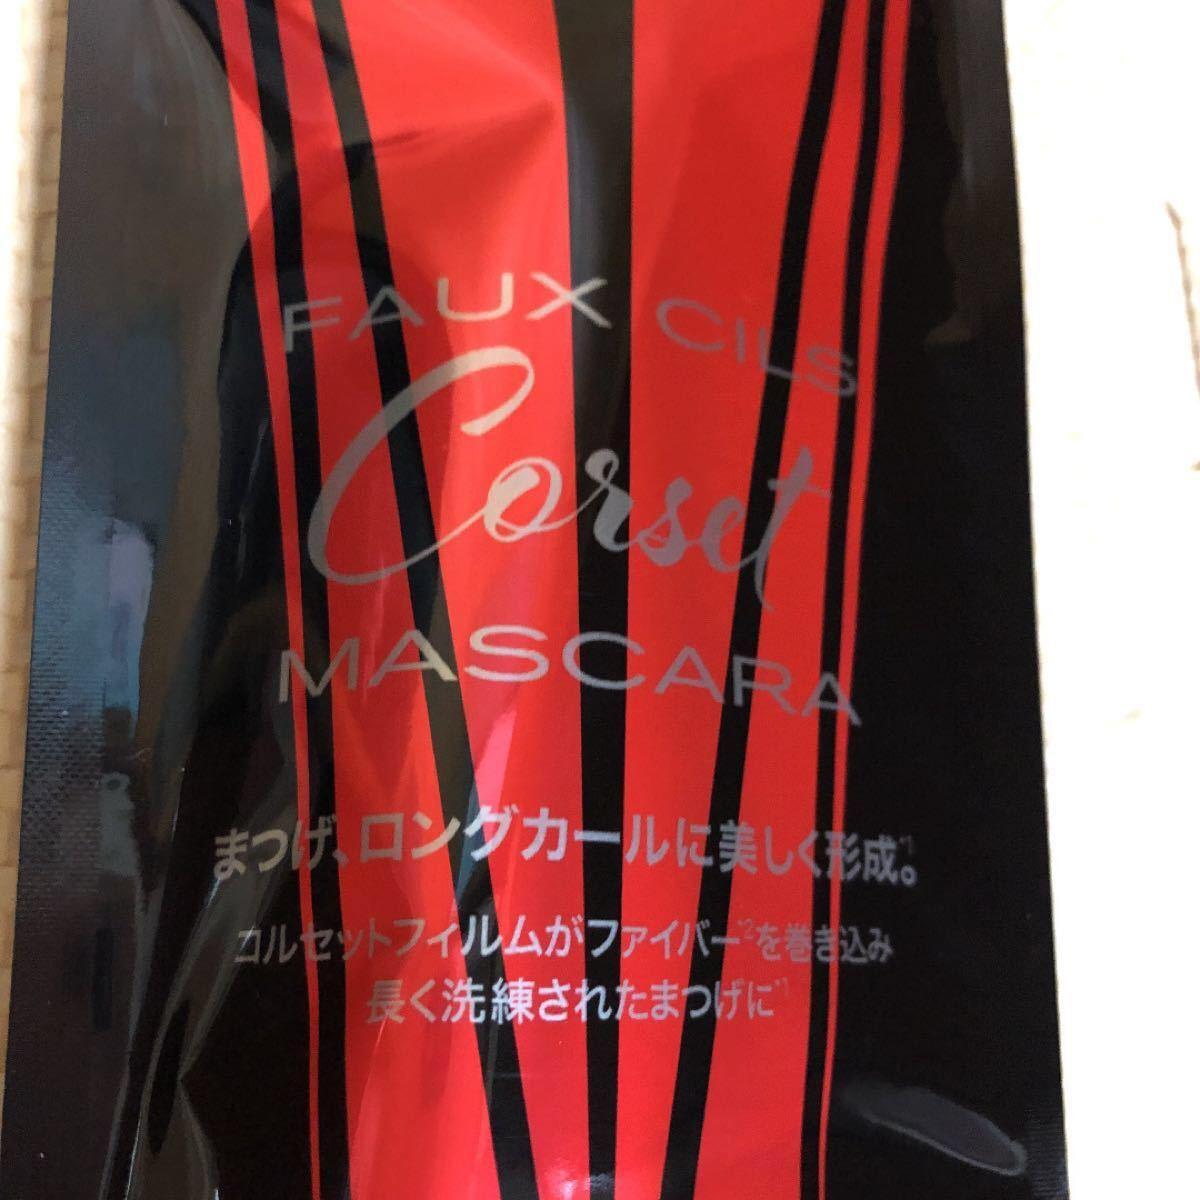 ロレアル パリ フォクシール コルセット (01ブラック) マスカラ+エクストラ オーディナリールージュ726 ルジャルダンドール